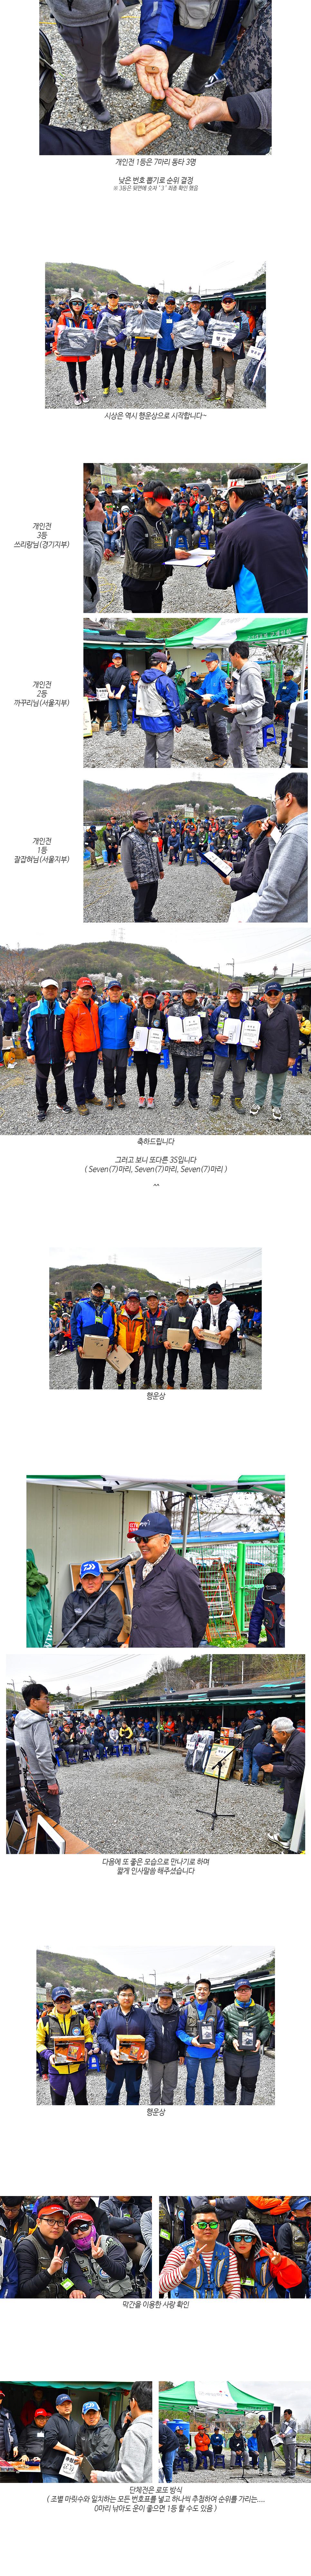 군계일학 2018년 시조회 08.jpg